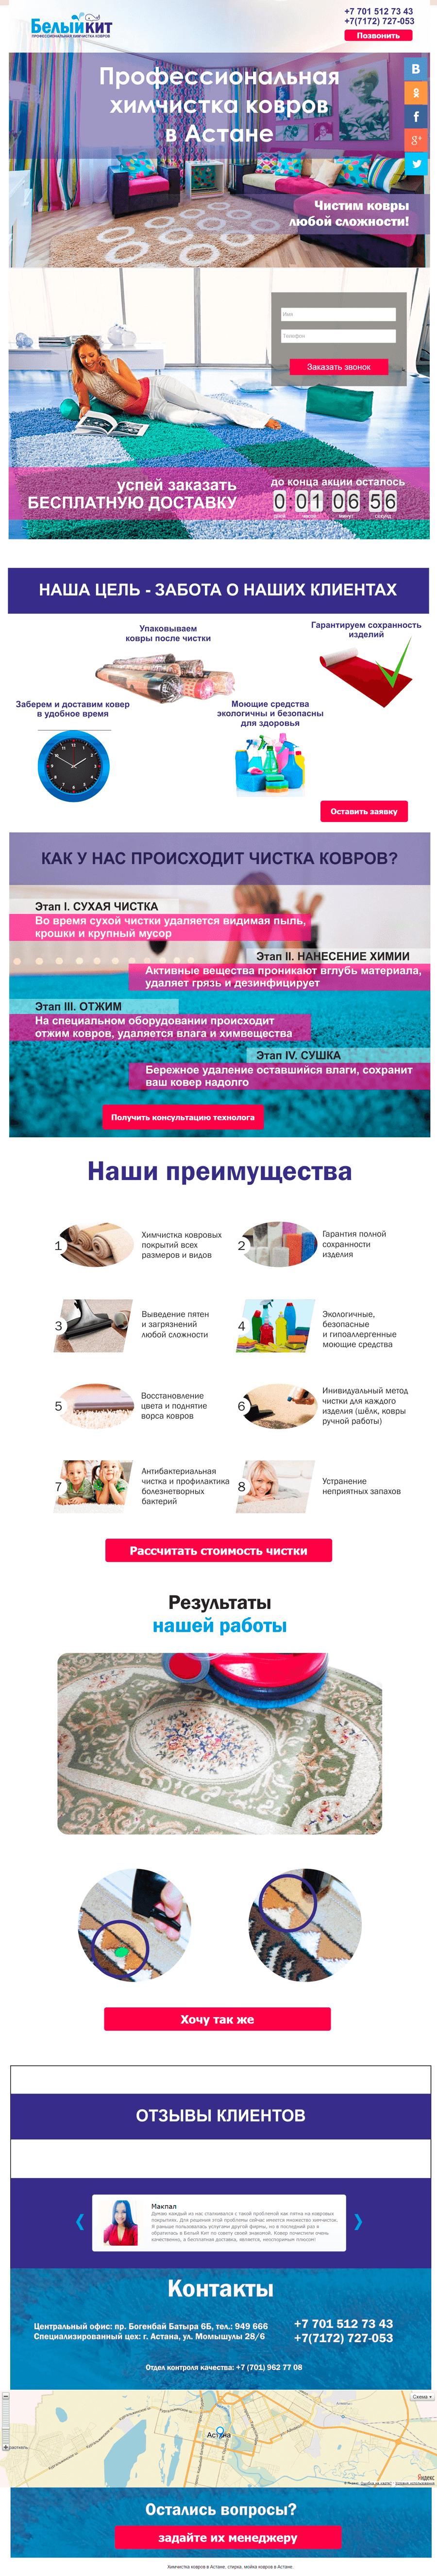 himchistka-moemchisto2